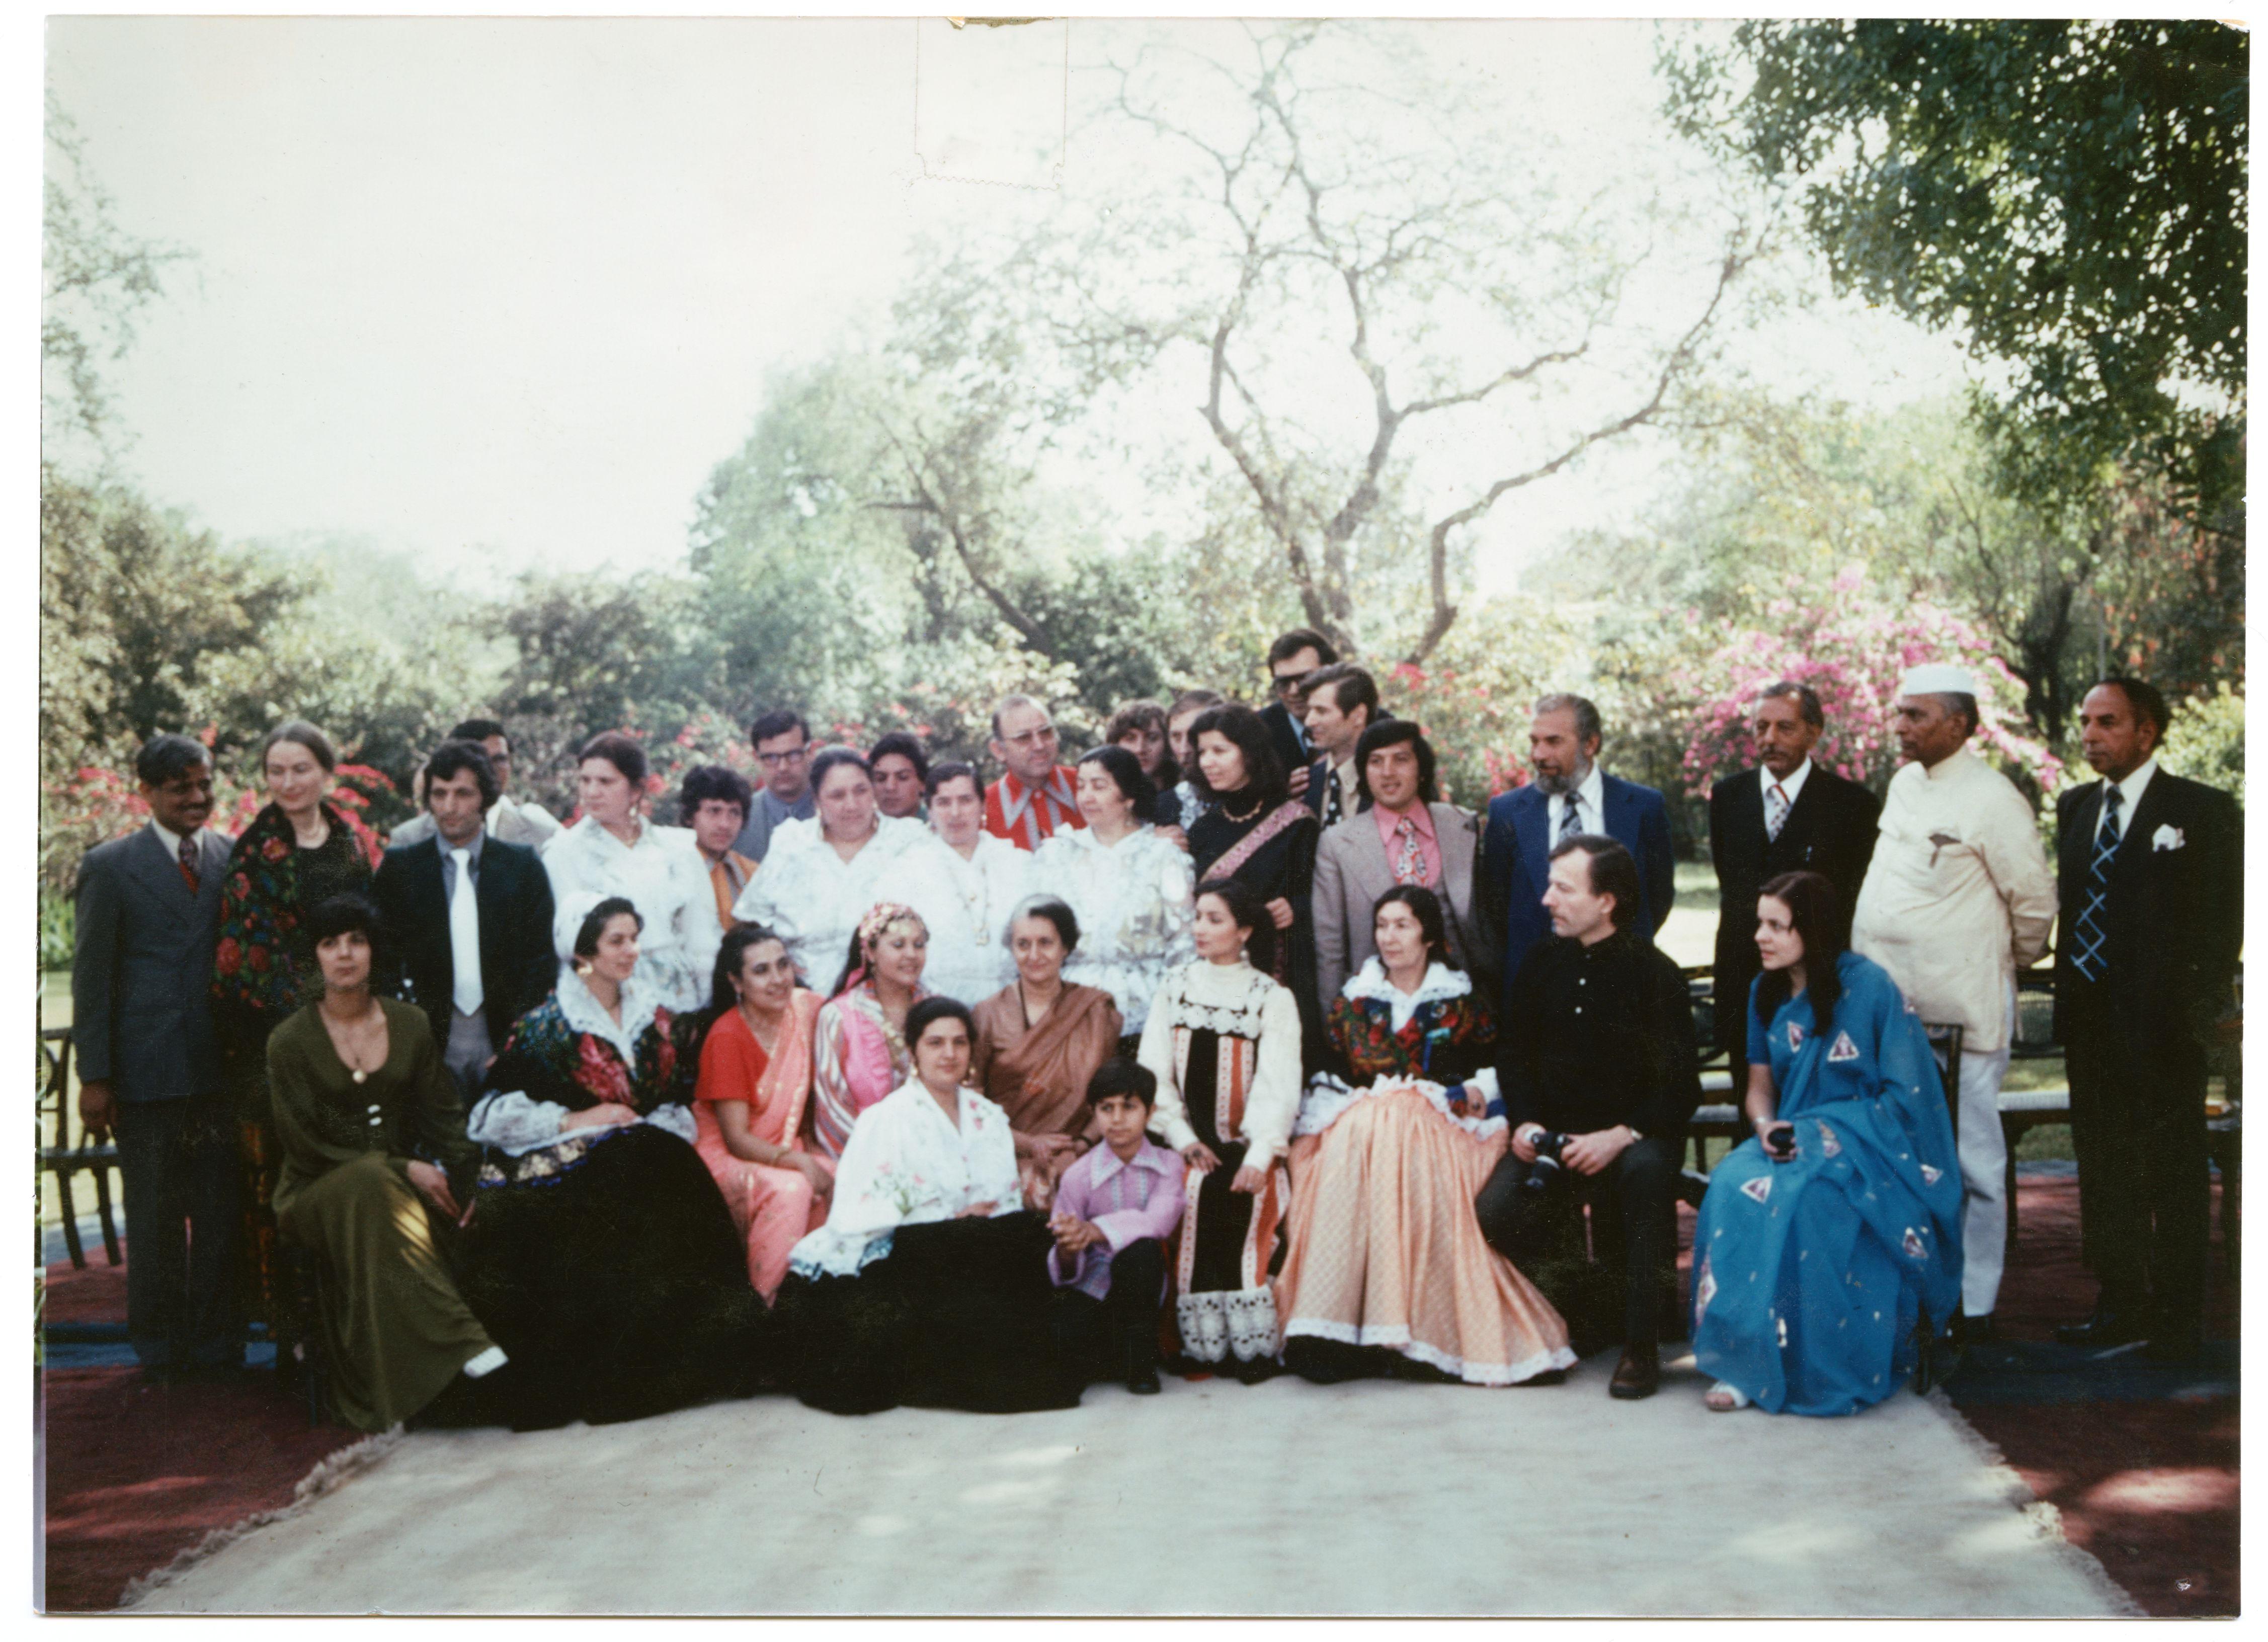 """Suomen romanit Intiassa New Delhissä Indira Gandhin vastaanotolla. Vierailu liittyi International Roma (Gypsy) Festival"""" –tapahtumaan, joka järjestettiin Candigarhissa 27-29.3.1976. Kuva: Aleka Stobinin valokuvat. SKS."""